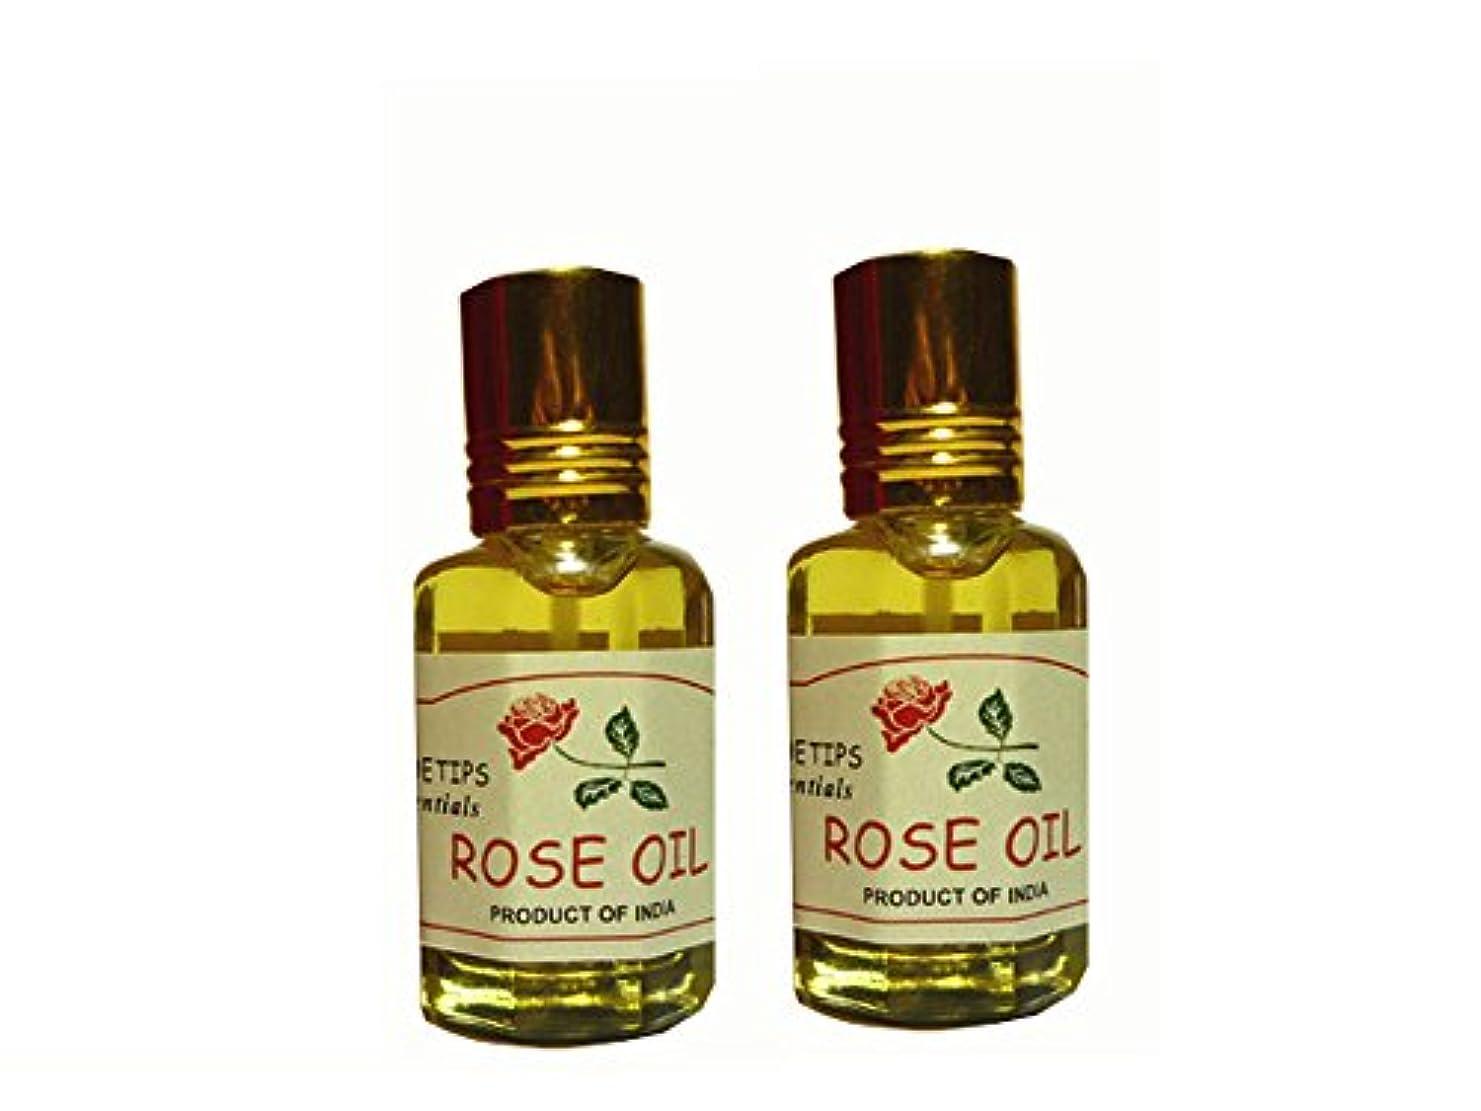 プロペラマルクス主義者気性ペコー ティップス ダマスクローズ オイル オット 100%精油(インド産 精油) 2本 PEKOE TIPS TEA ROSE ESSENTIAL OIL ROSA DAMASCENA(Damask rose) 12ml...